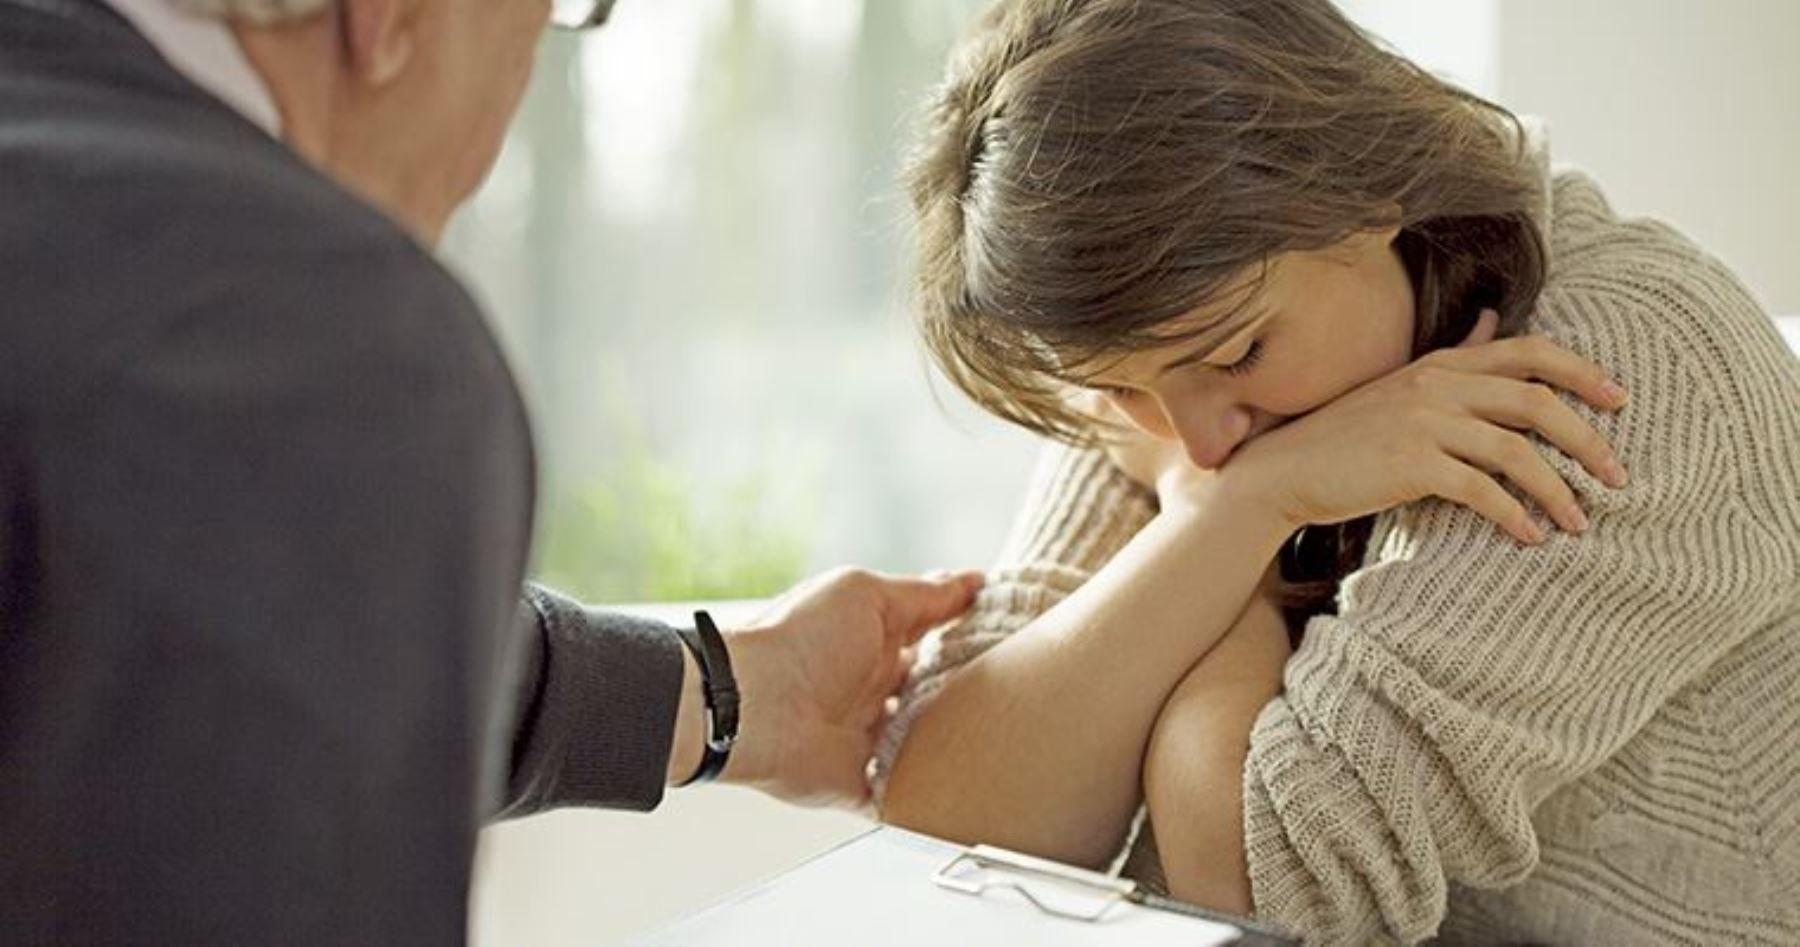 practicar-la-resiliencia-ayuda-a-calmar-emociones-y-adaptarse-a-la-nueva-realidad